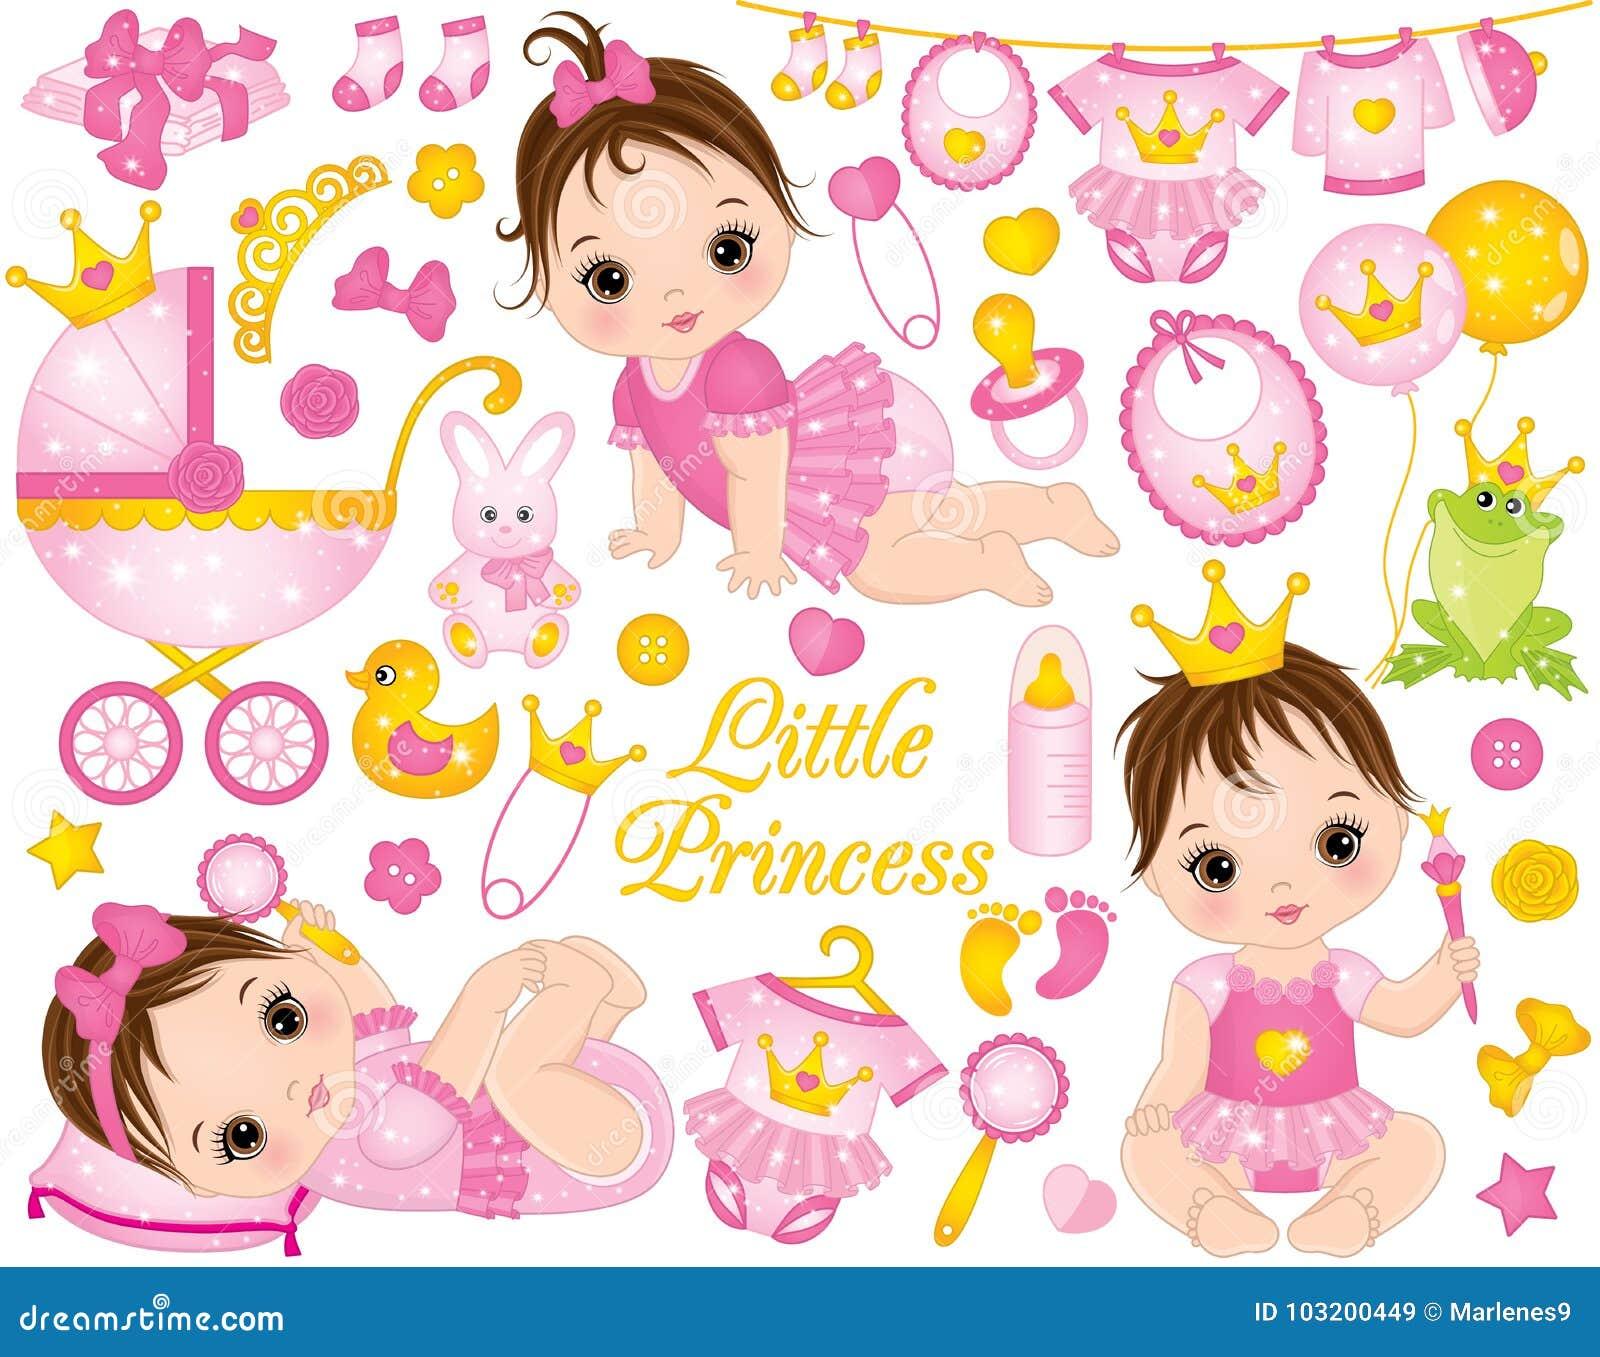 1e0f3dd8a42 Διάνυσμα που τίθεται με τα χαριτωμένα κοριτσάκια που ντύνονται ως  πριγκήπισσες και διάφορα εξαρτήματα